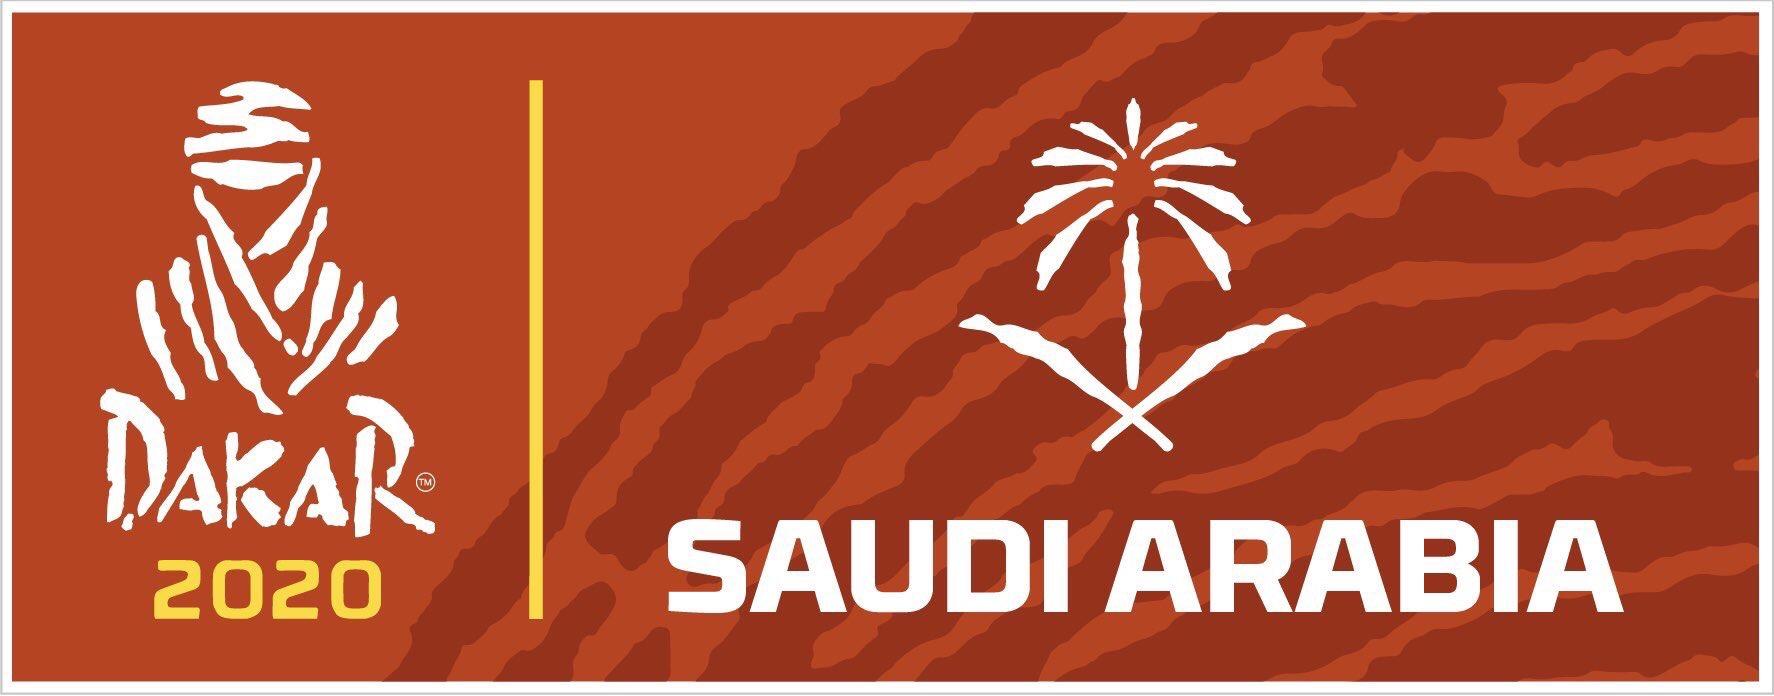 الإعلان رسمياً عن إقامة رالي دكار 2020 في السعودية 3D71EE56-542F-42DC-9